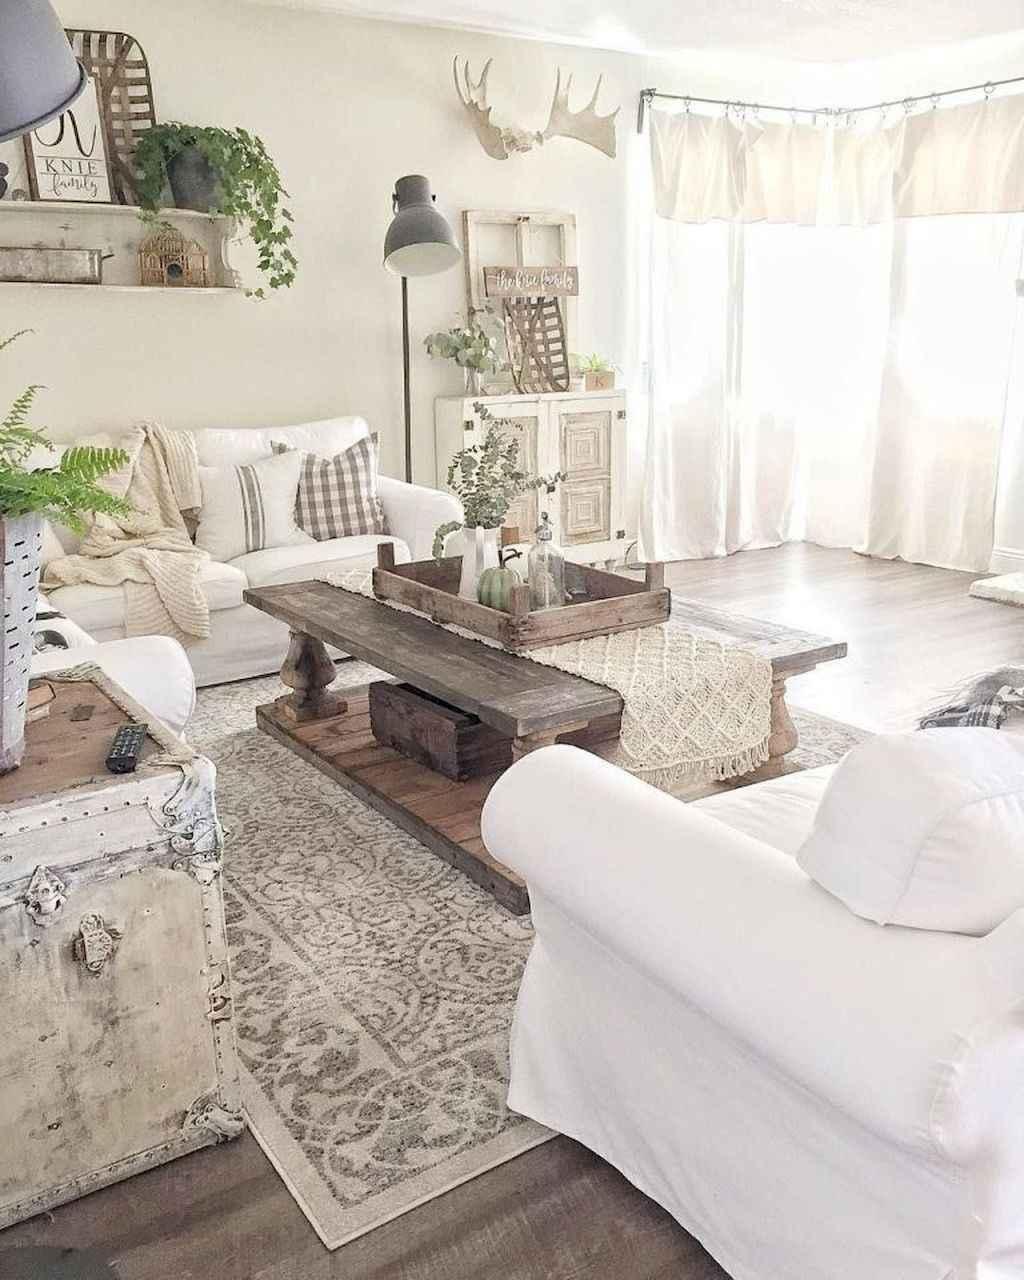 79 Cozy Modern Farmhouse Living Room Decor Ideas: 47 Cozy Modern Farmhouse Living Room Decor Ideas